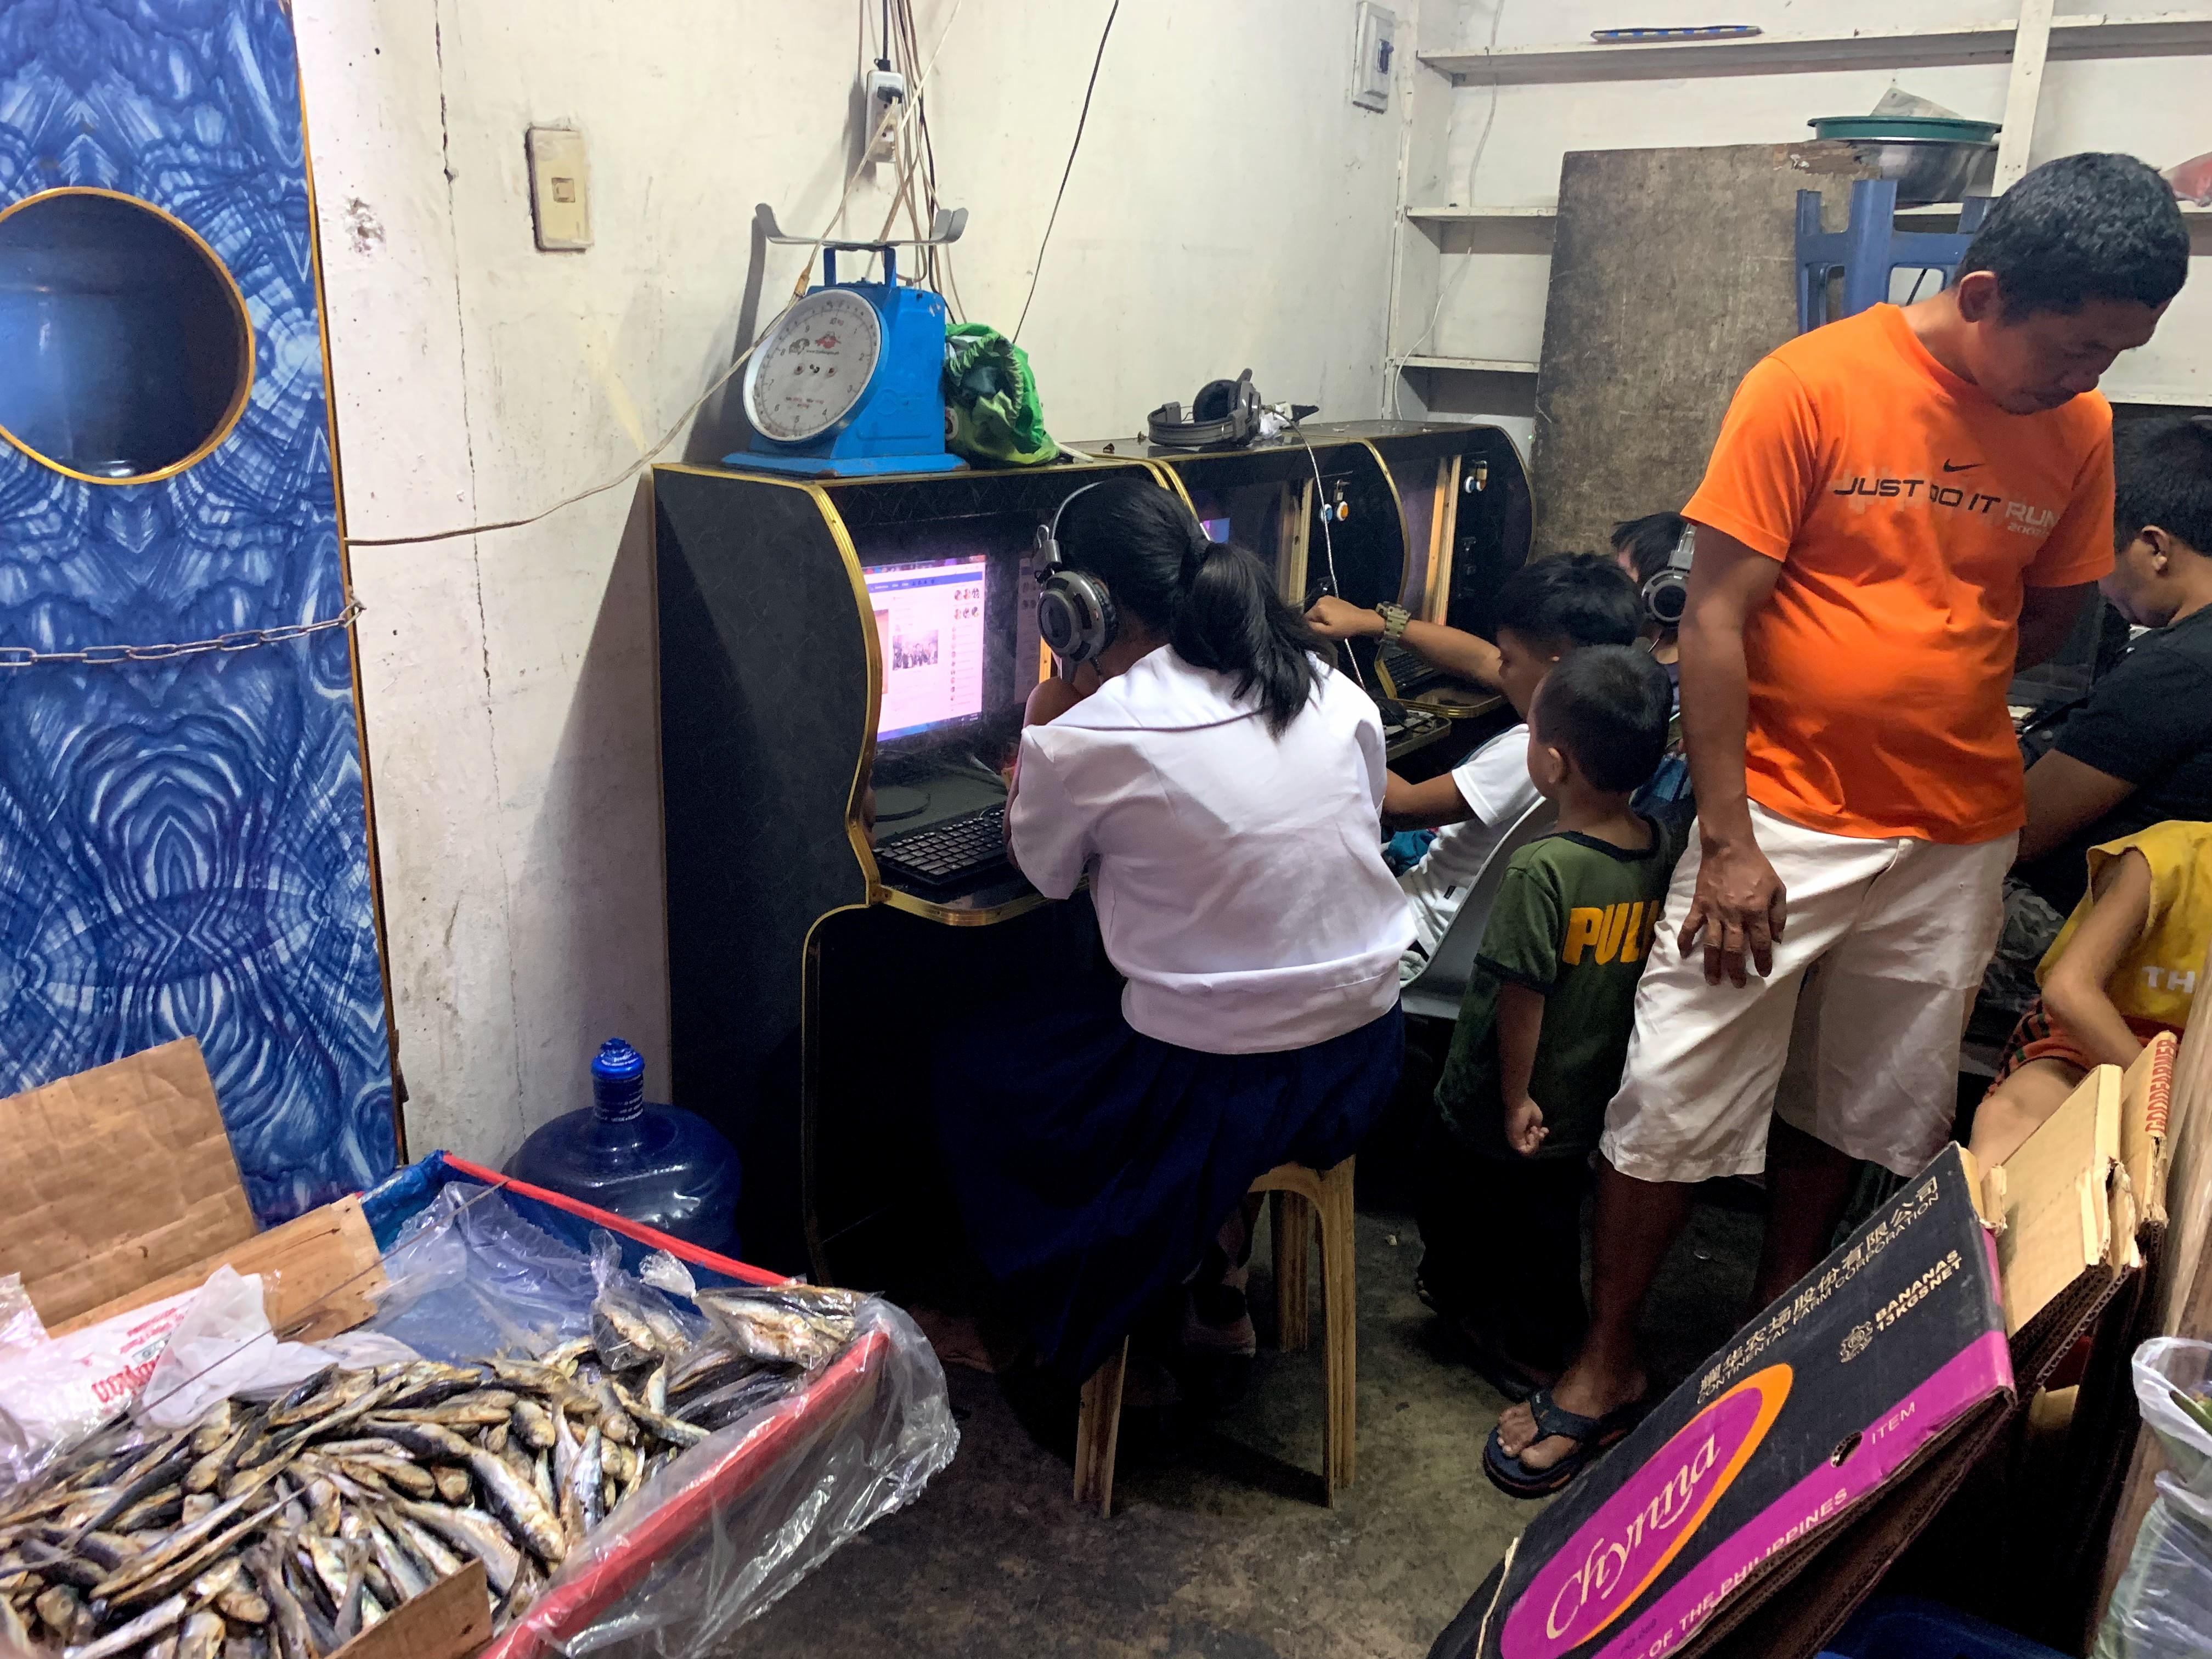 市場内にあるインターネットカフェ